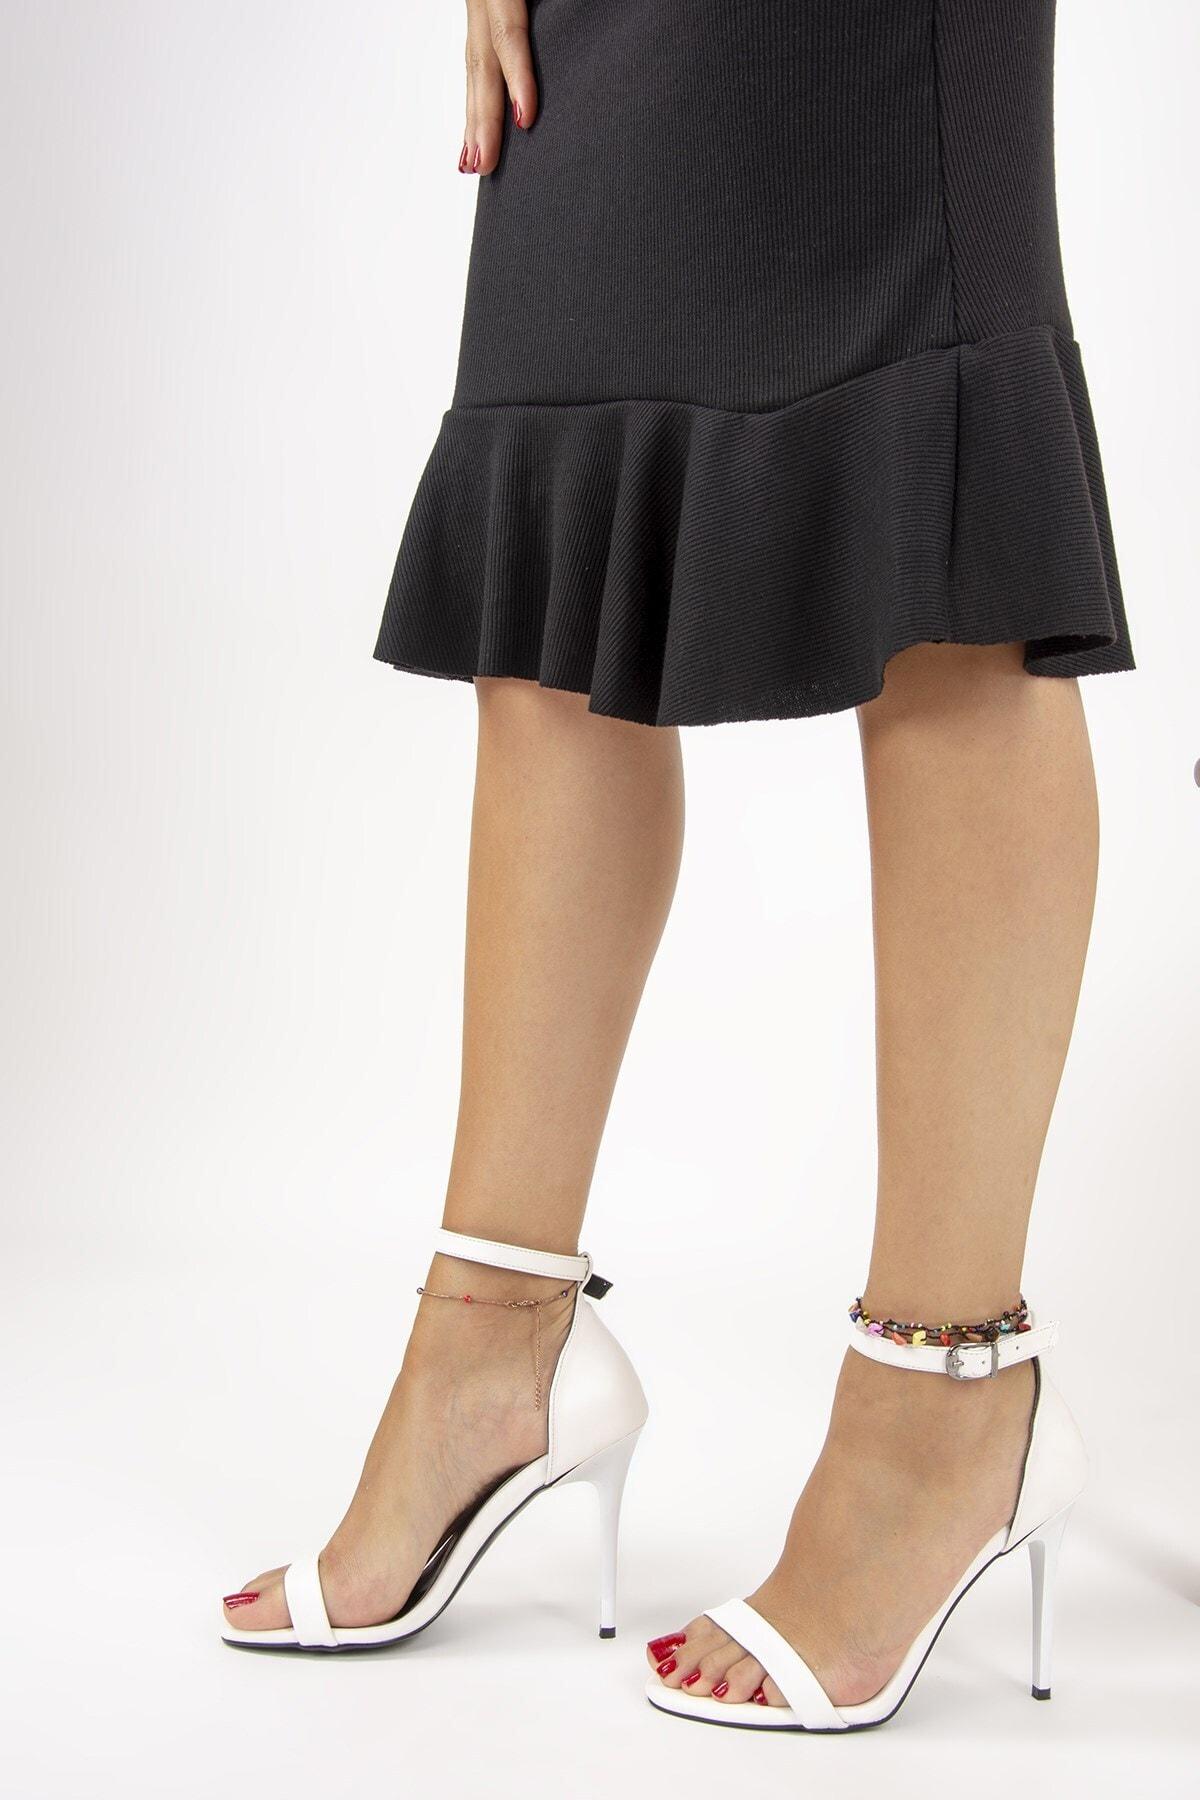 Fox Shoes Beyaz Kadın Topuklu Ayakkabı B922112609 1